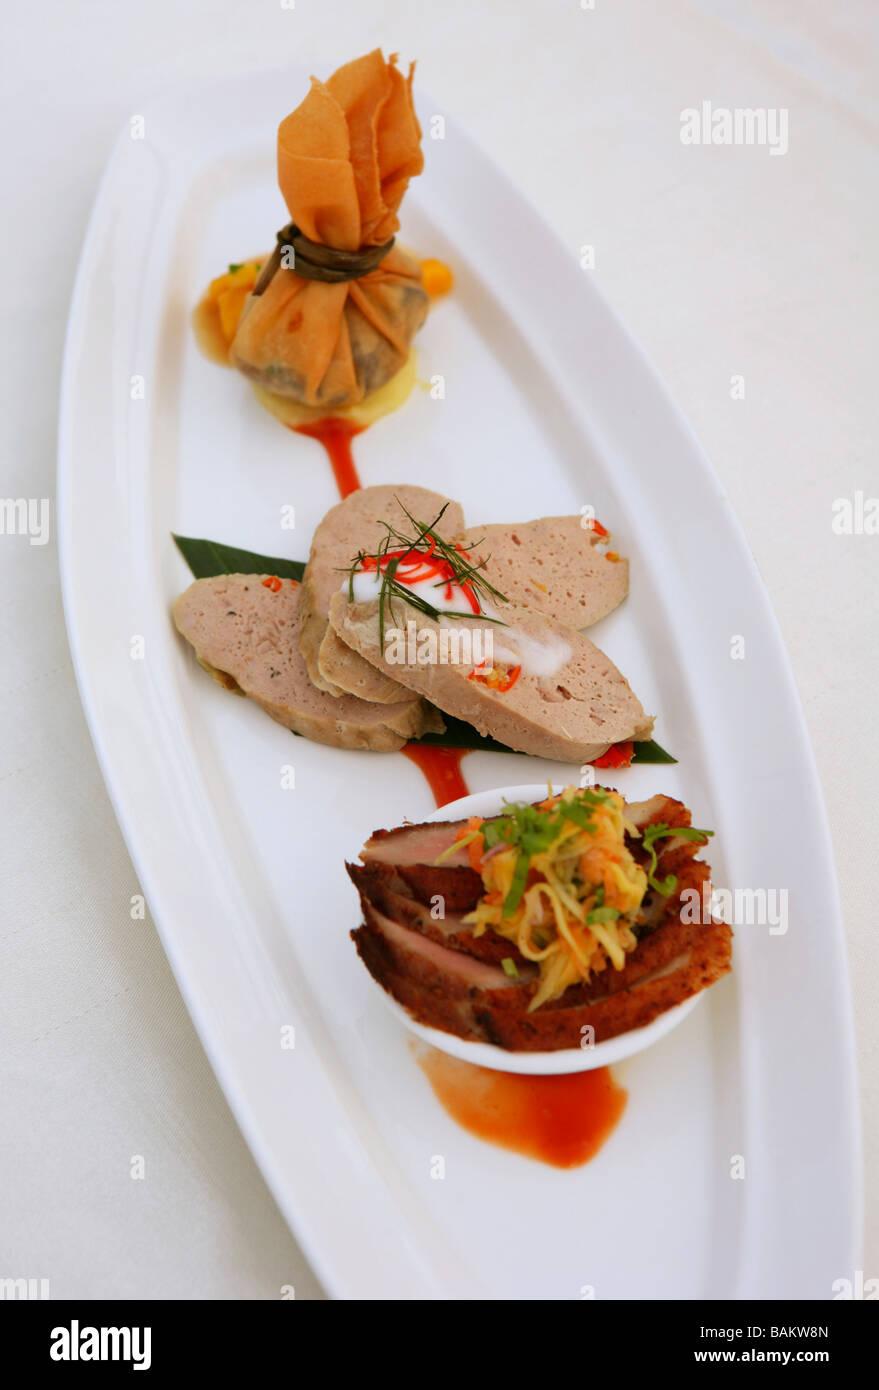 Vertigo restaurant, Bangkok, Thailand - Stock Image